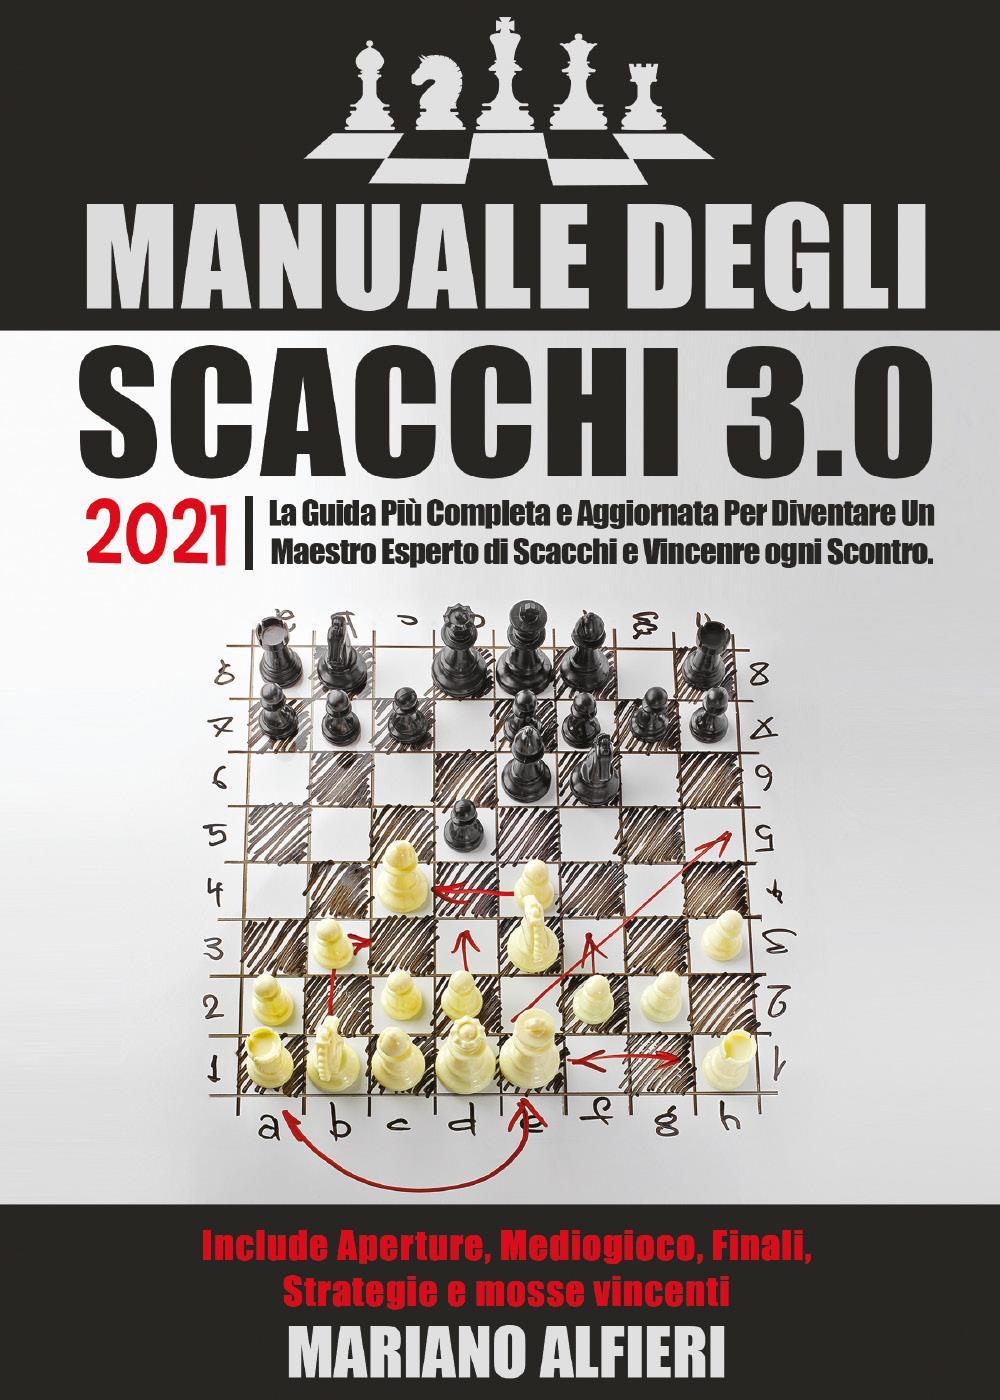 Manuale degli scacchi 3.0 2021